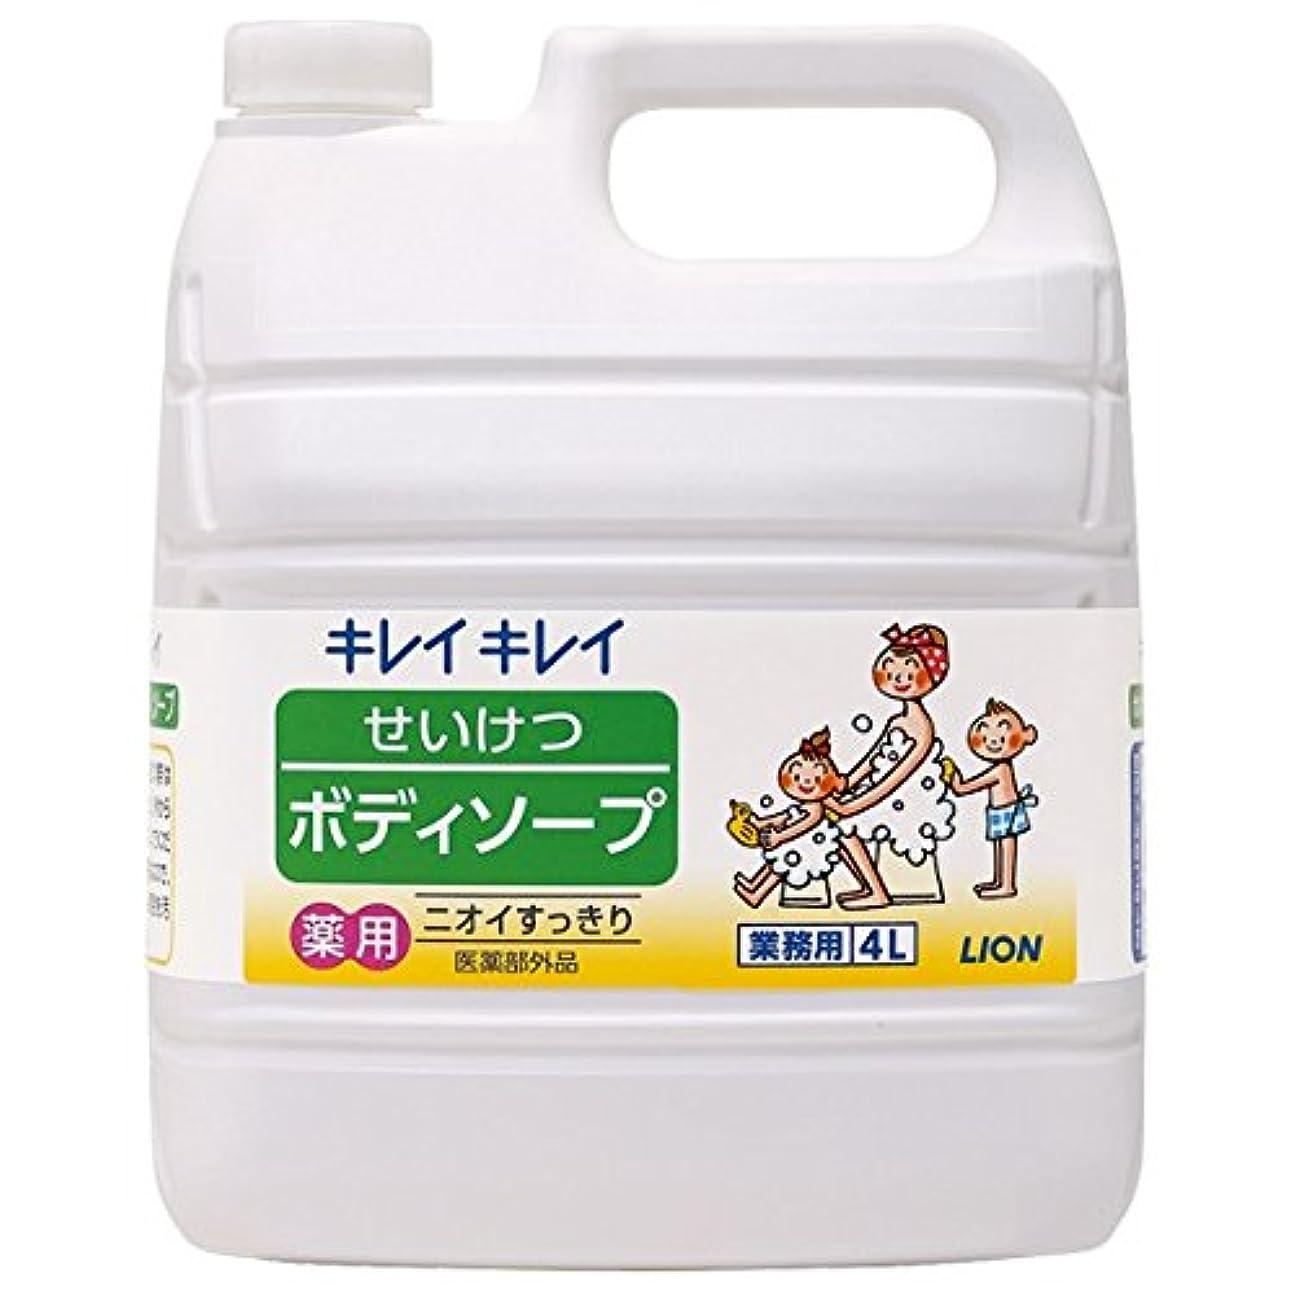 コマンド待って個性ライオン キレイキレイ せいけつボディソープ さわやかなレモン&オレンジの香り 業務用 4L×3本